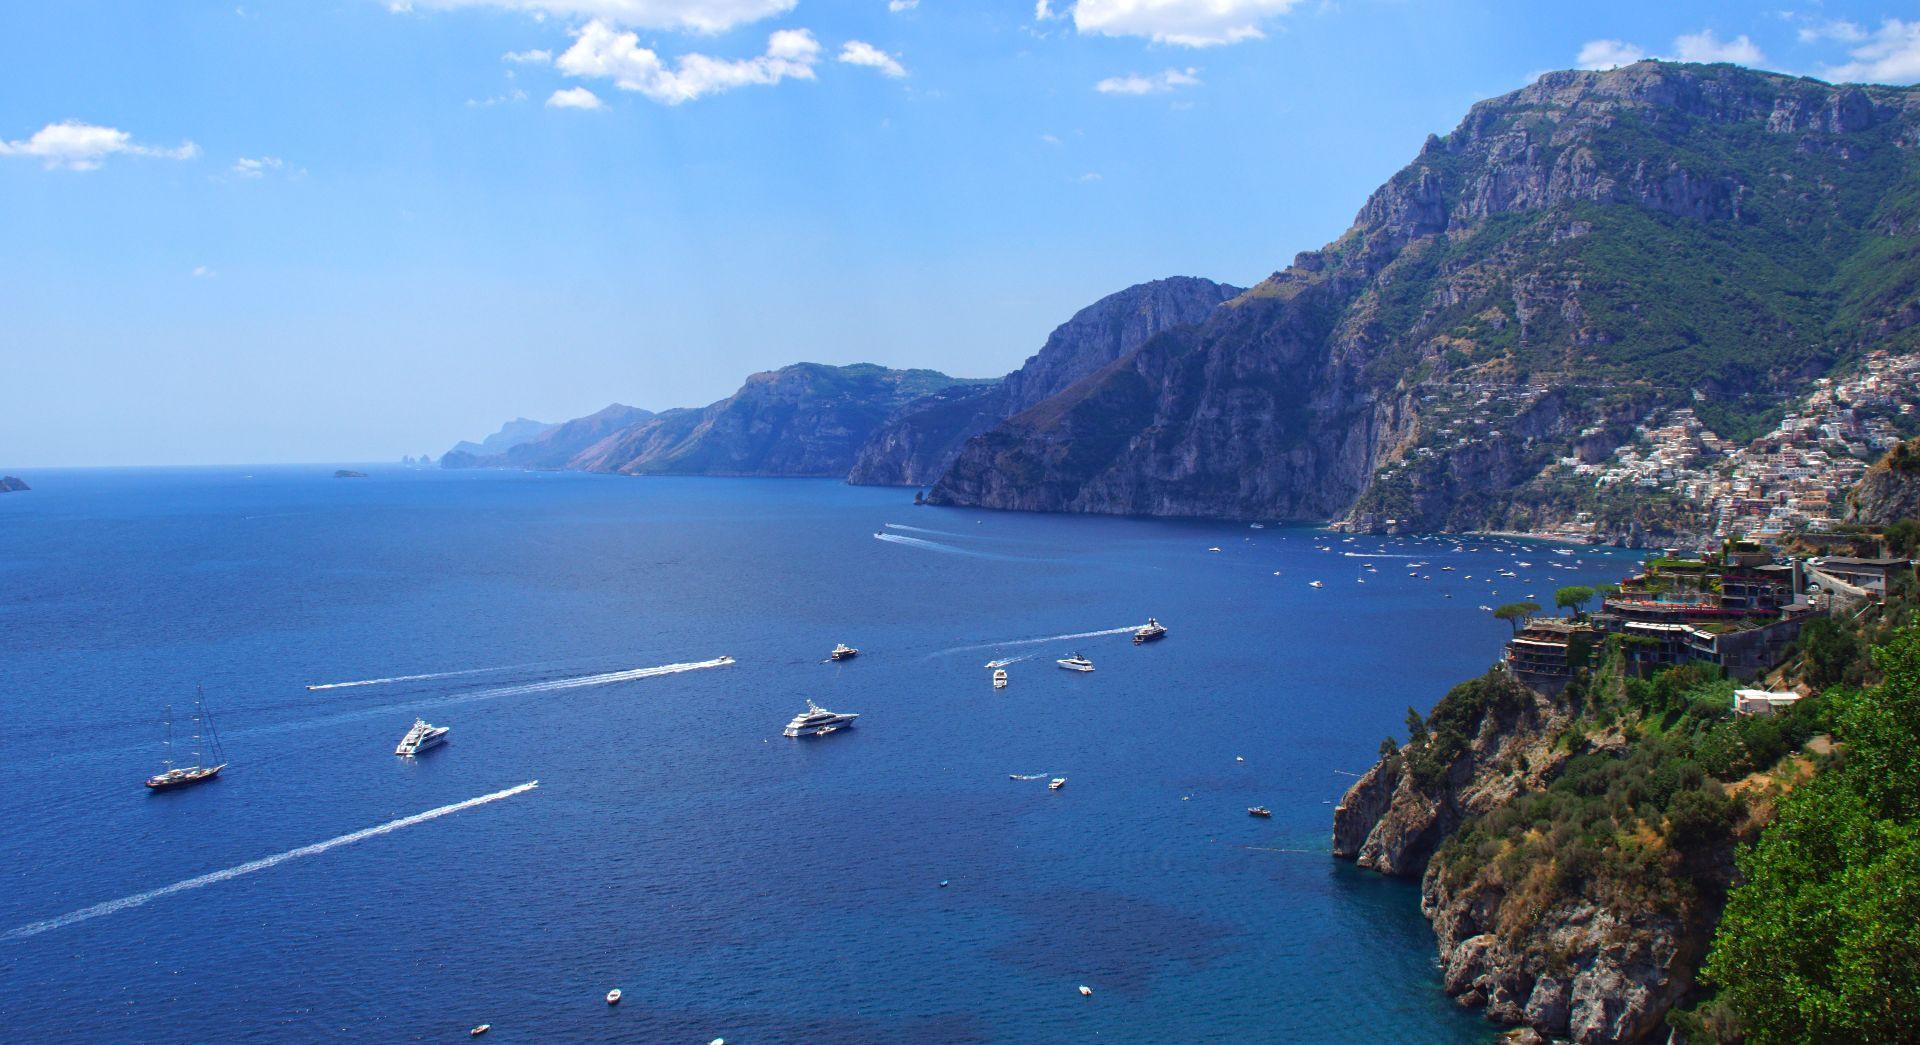 Volo privato in elicottero in Costiera Amalfitana